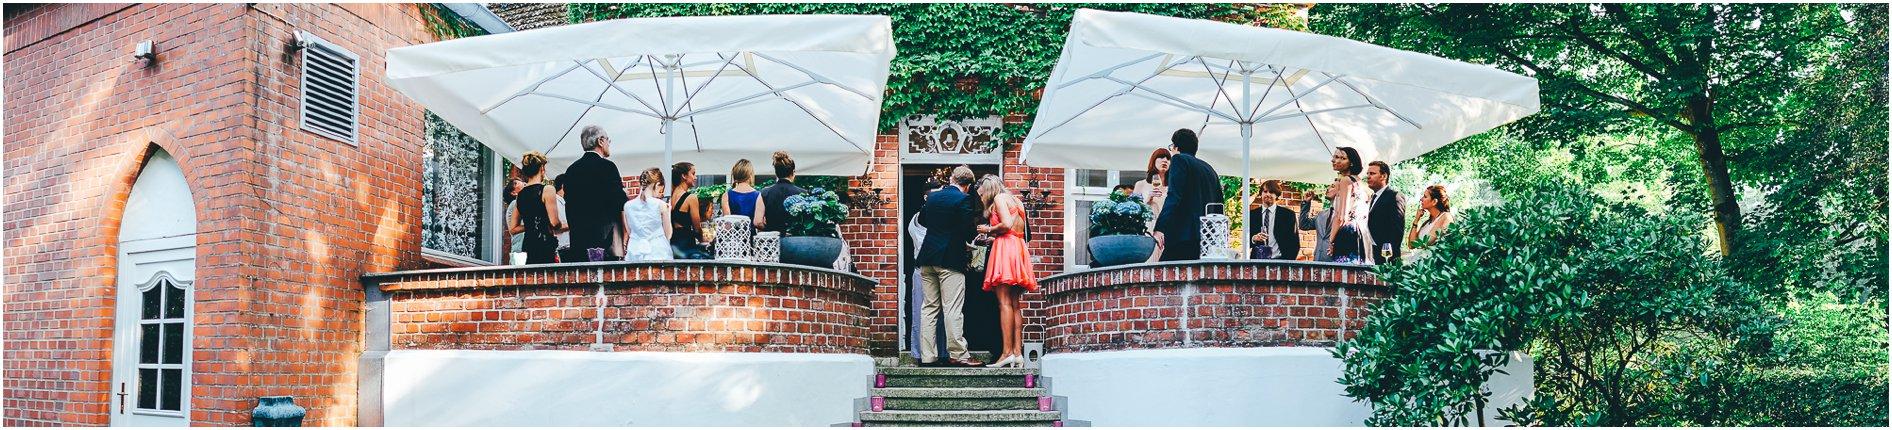 2014-10-13_0105 Jenny & Matthias - Hochzeitsfotograf auf Gut Bardenhagen